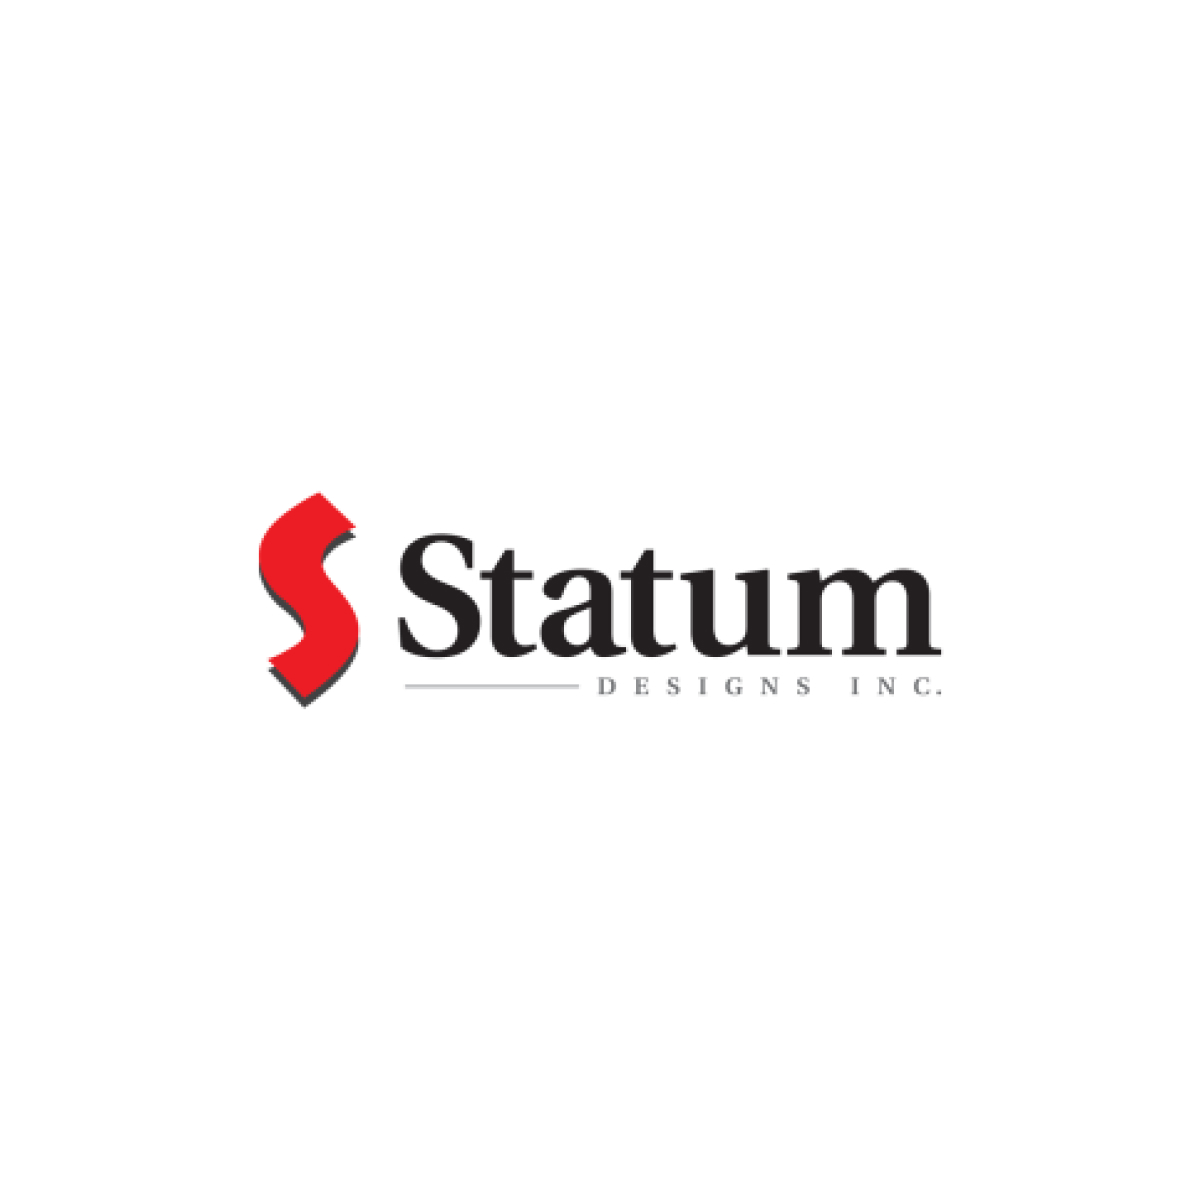 statum